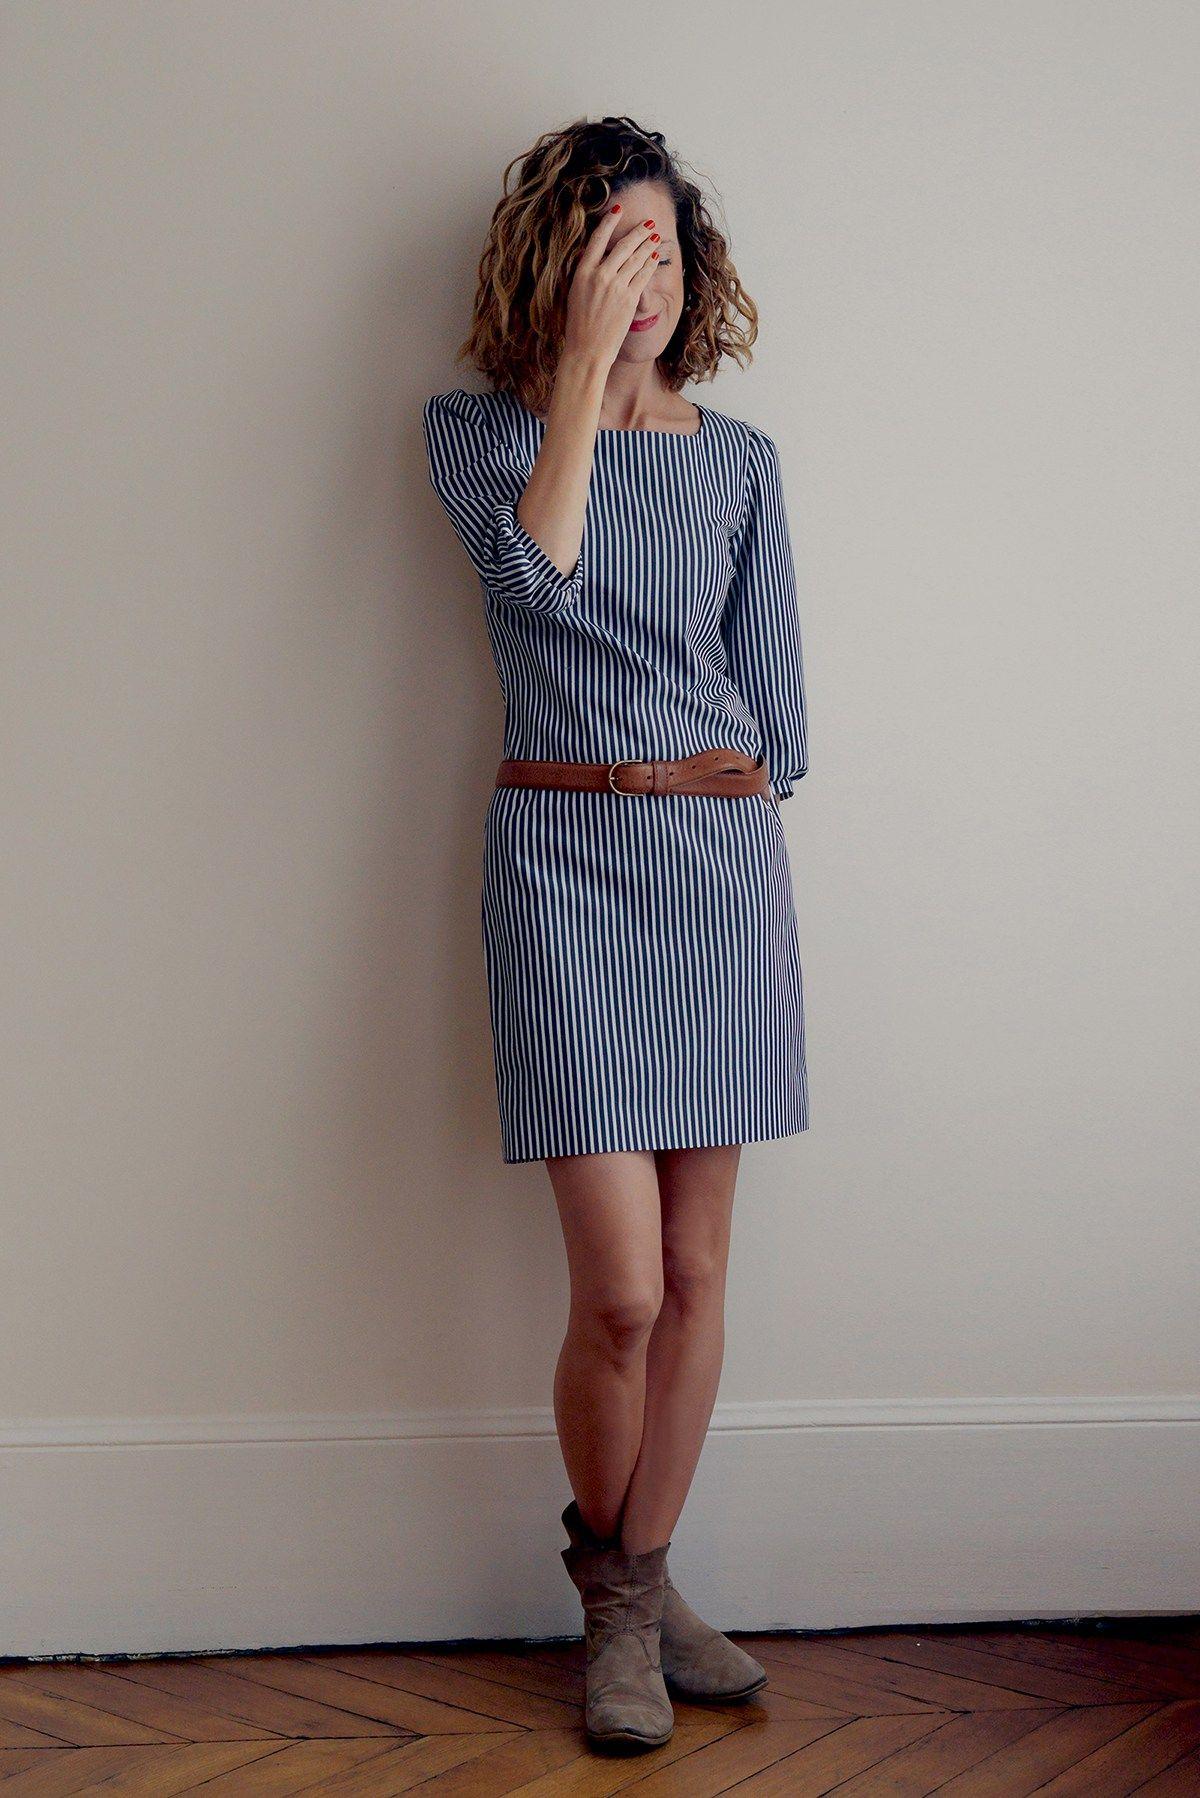 aee01c244cba9 La petite robe - patron robe femme du 34 au 48, niveau de couture  intermédiaire, finition de qualité, robe chic, doublée, manche 3 4